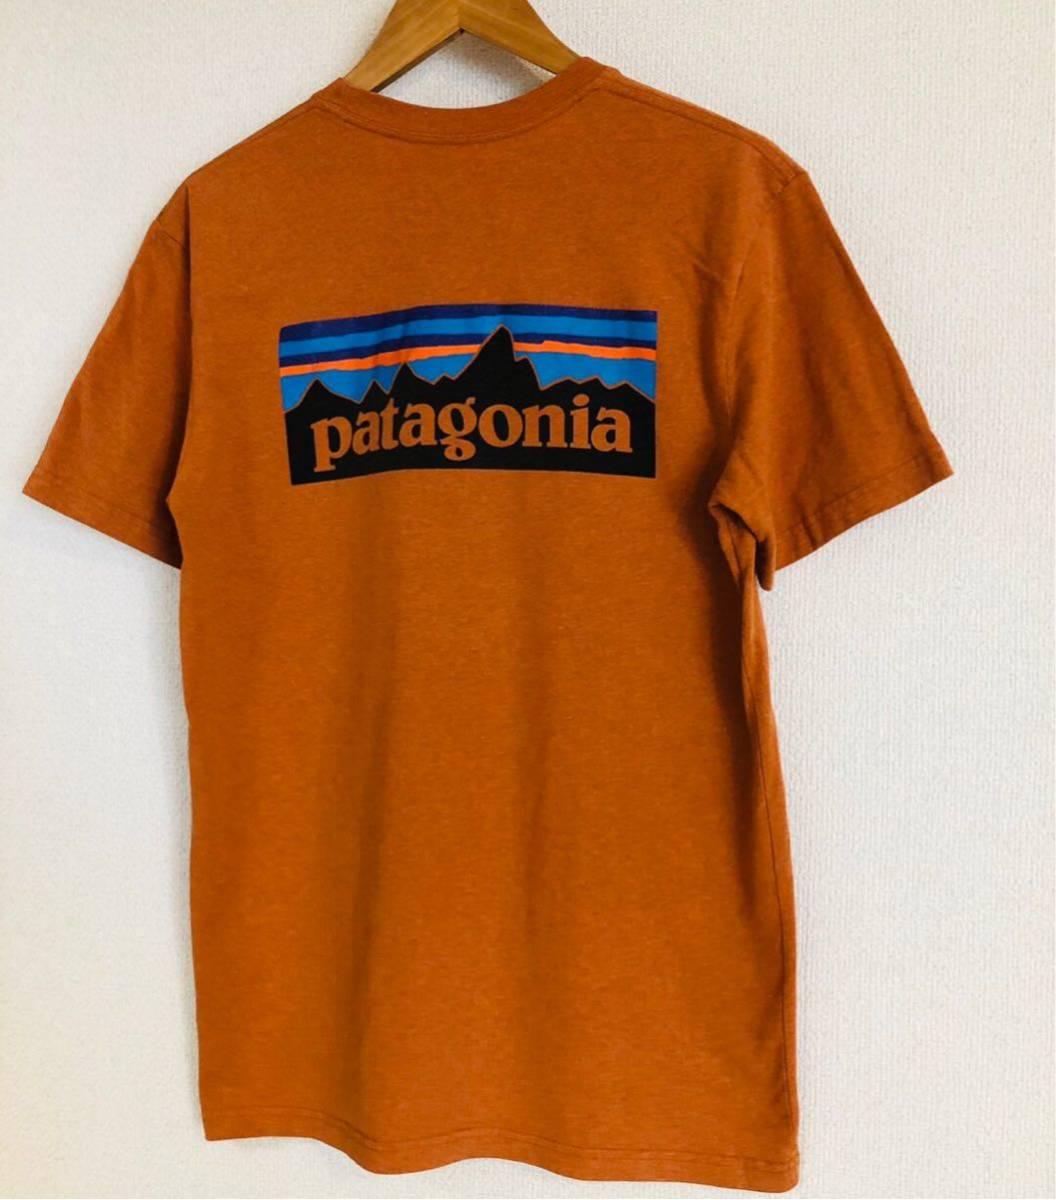 patagonia パタゴニア PATAGONIA Tシャツ M